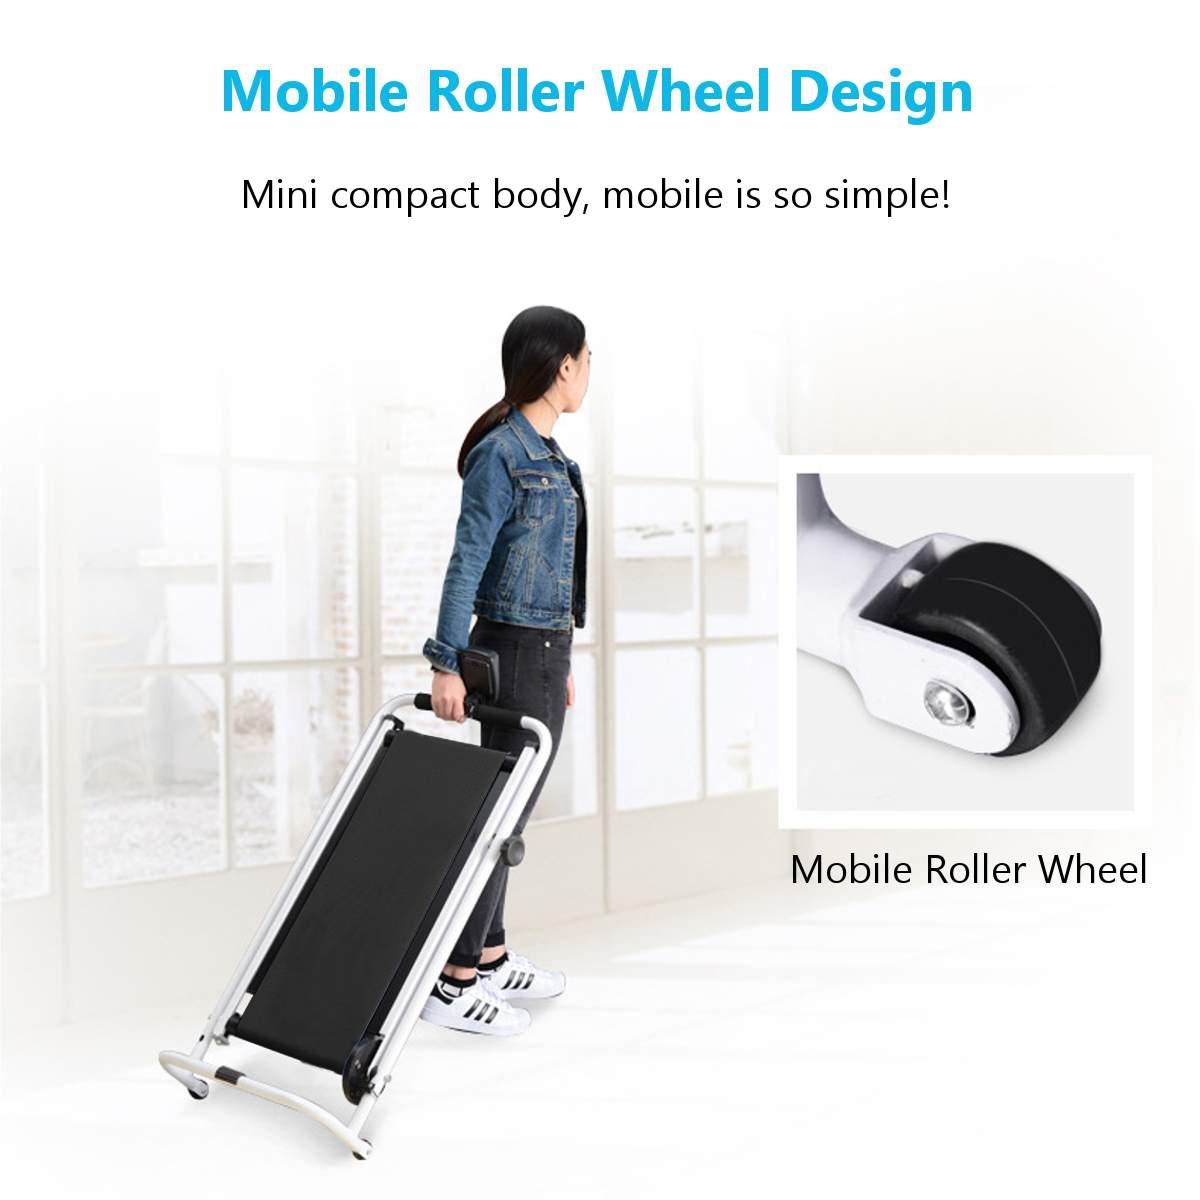 Tapis roulant pliable électrique LED affichage jogging espace marche Machine aérobie Sport Fitness équipement pas d'espace de plancher facile à déplacer - 6